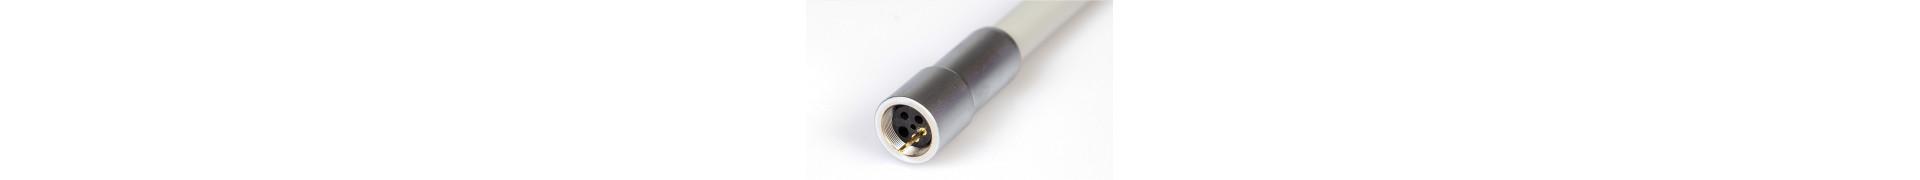 Drive Air s.a.s. - Cordoni compatibili con micromotori Chirana Medical